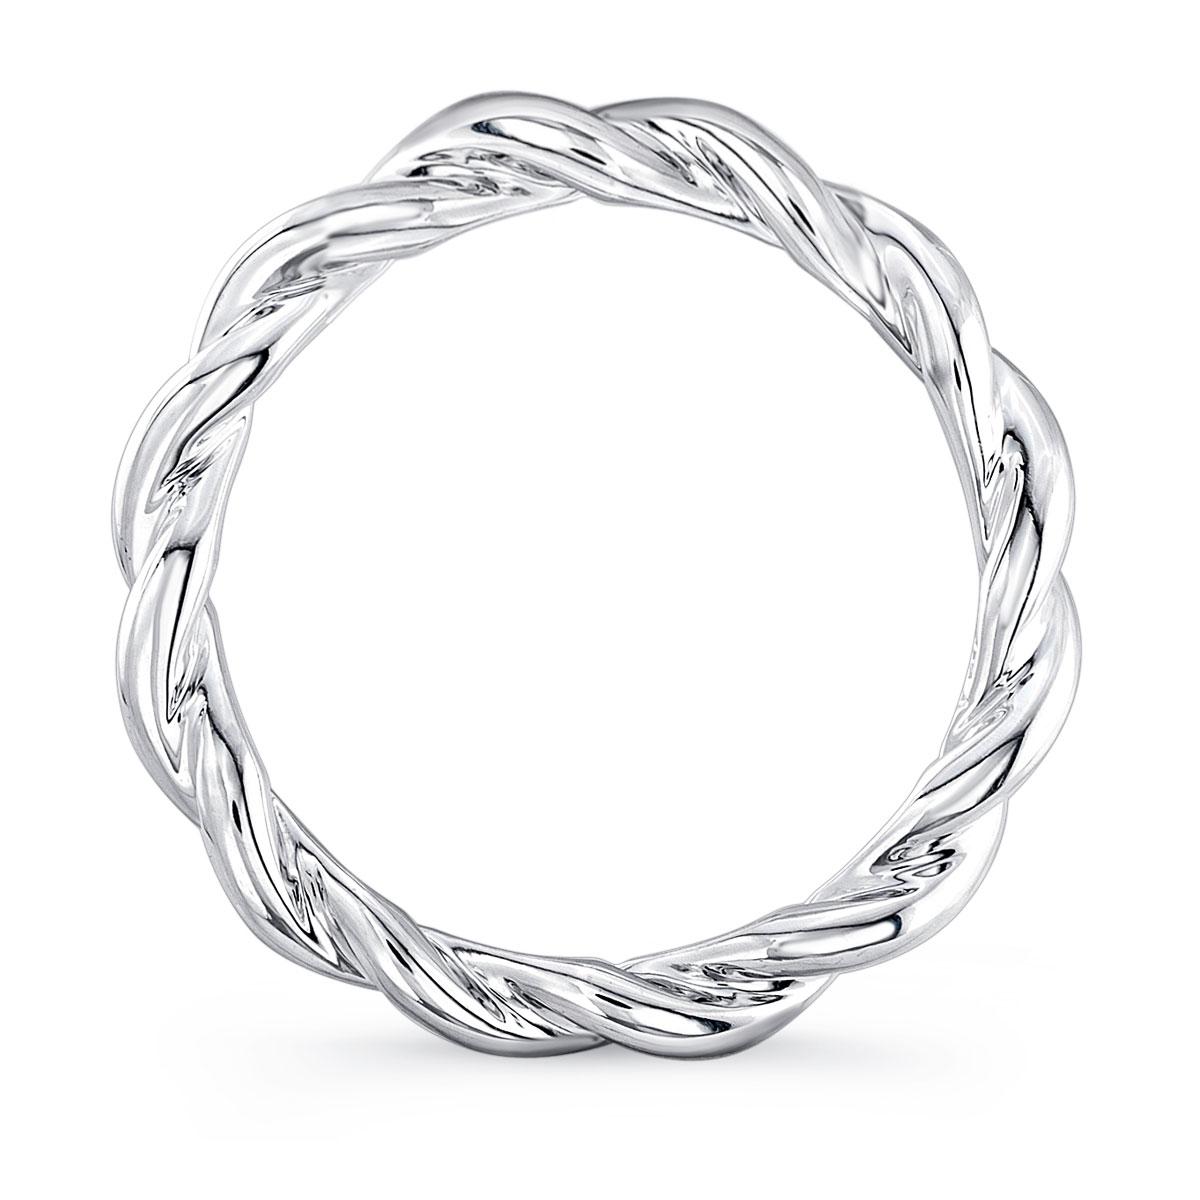 Drawn rope rope twist Rings engagement Twist Rope uneek